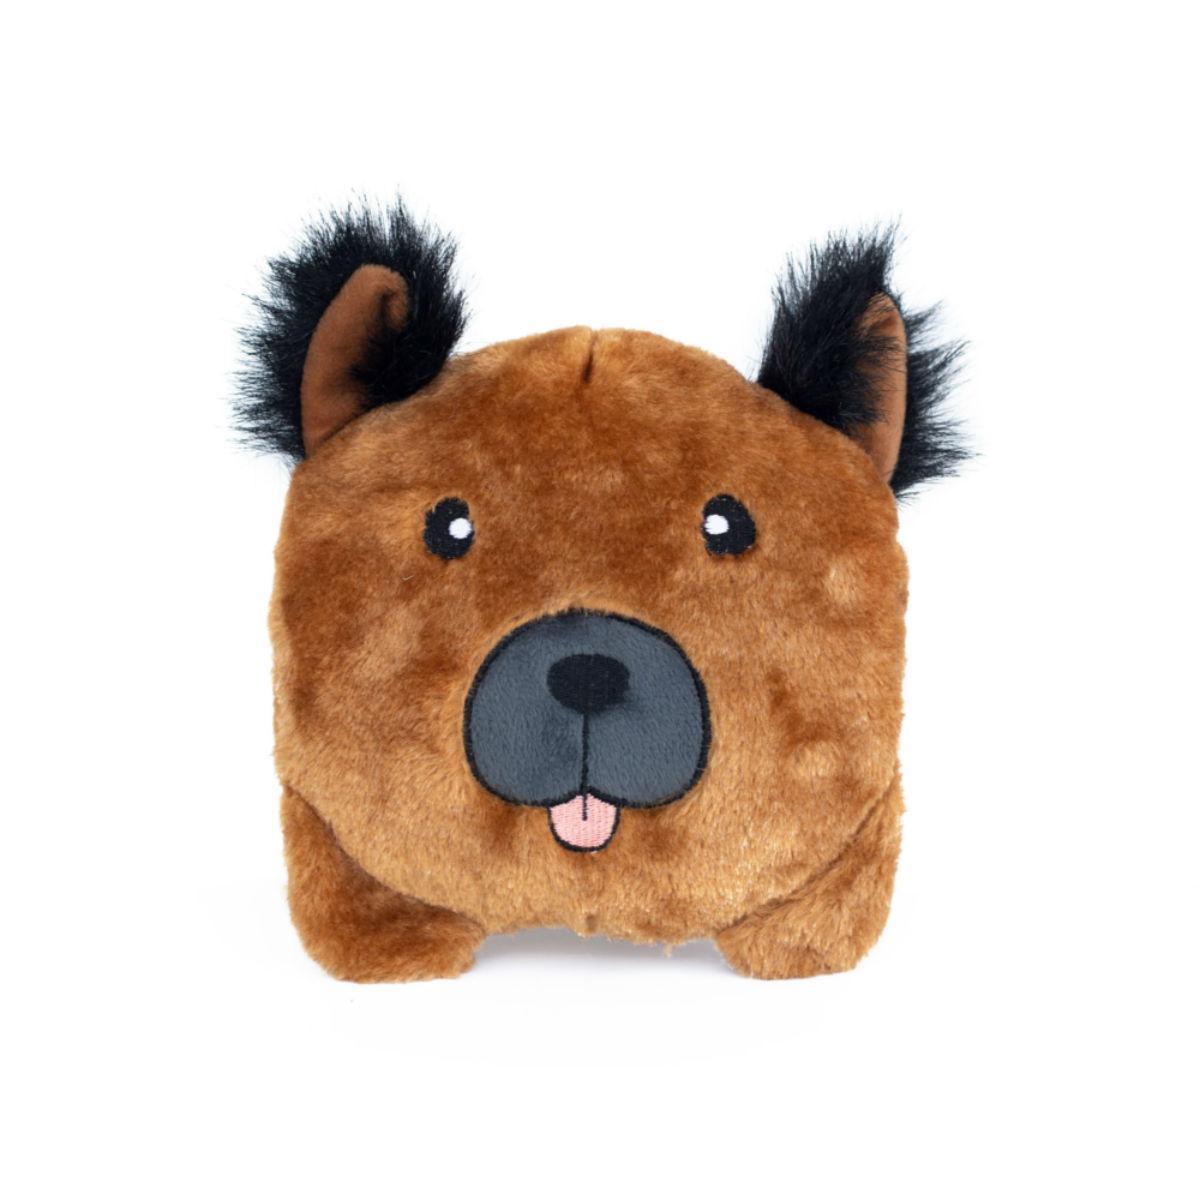 ZippyPaws Squeaky Buns Dog Toy - German Shepherd